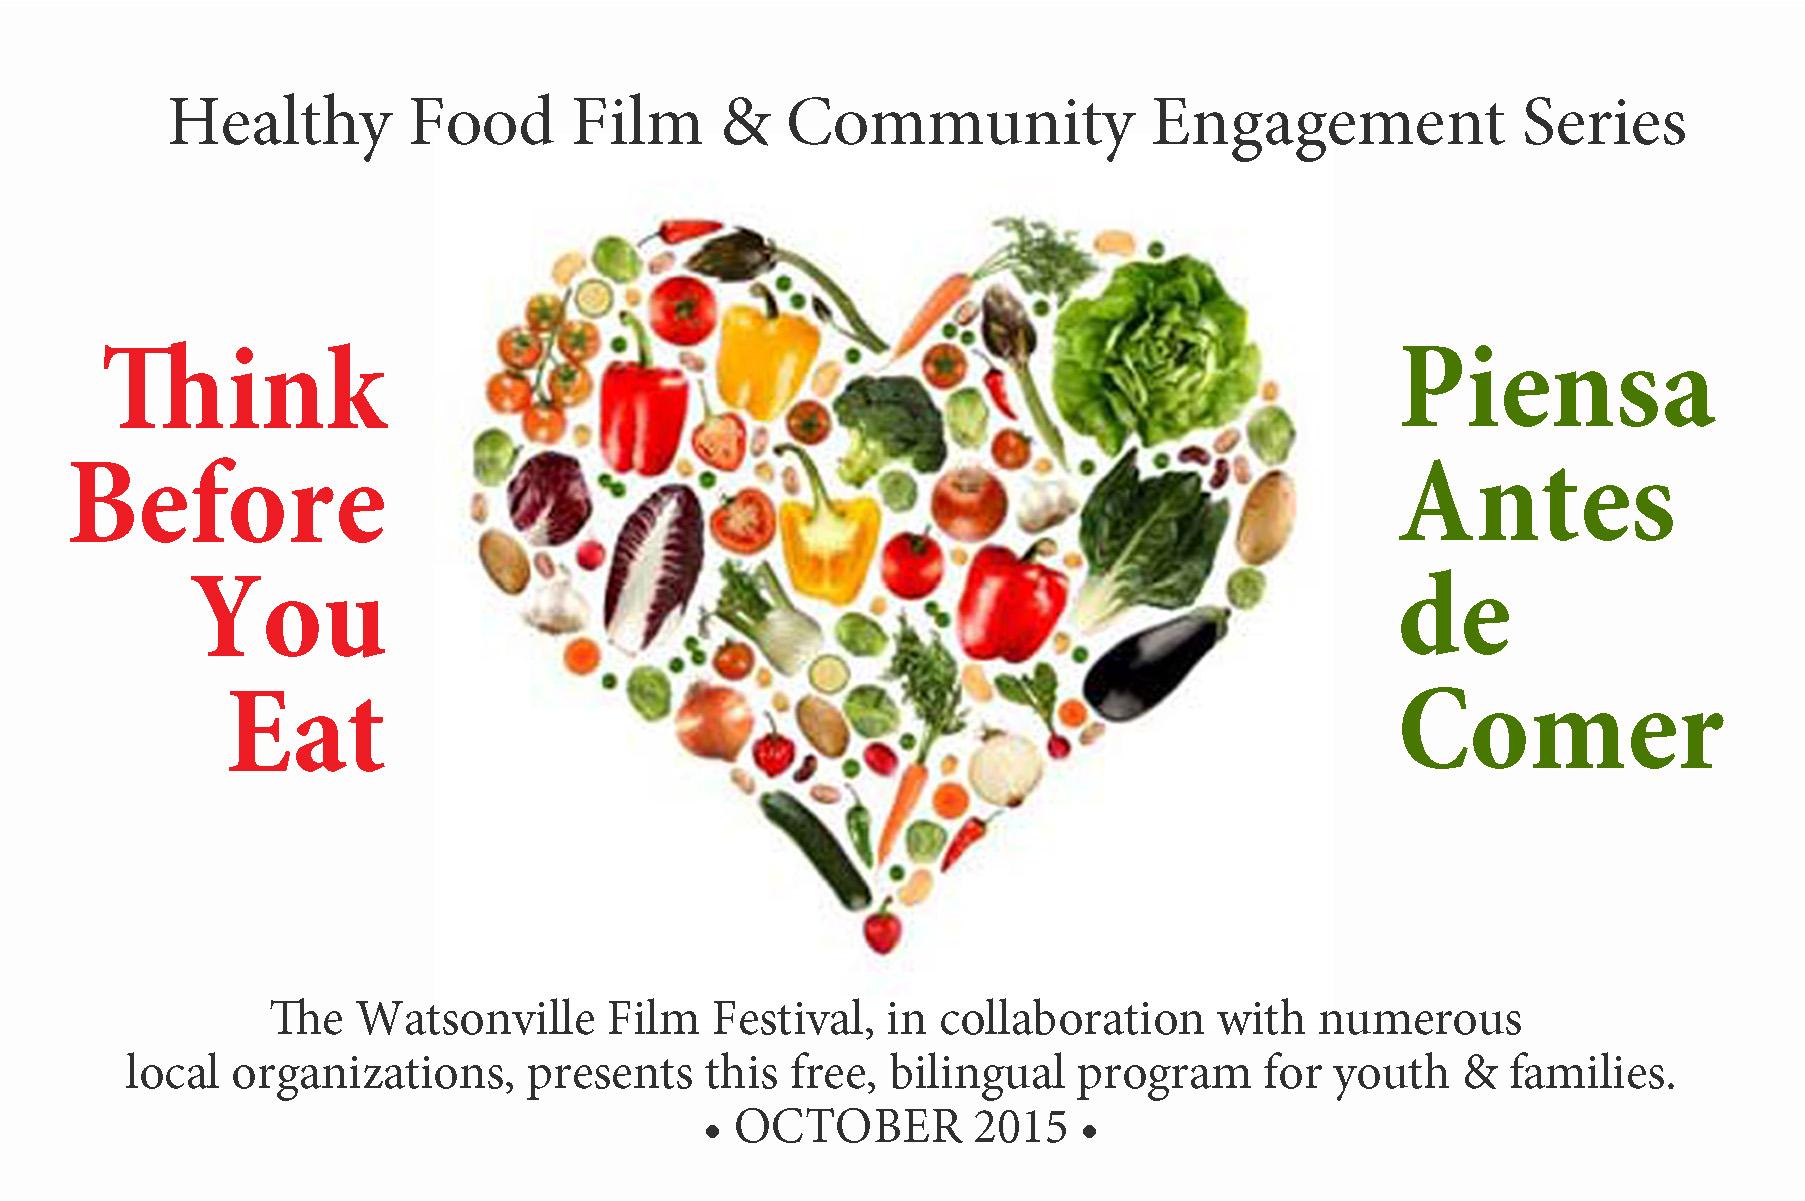 Healthy Food Film Series flyer.jpg